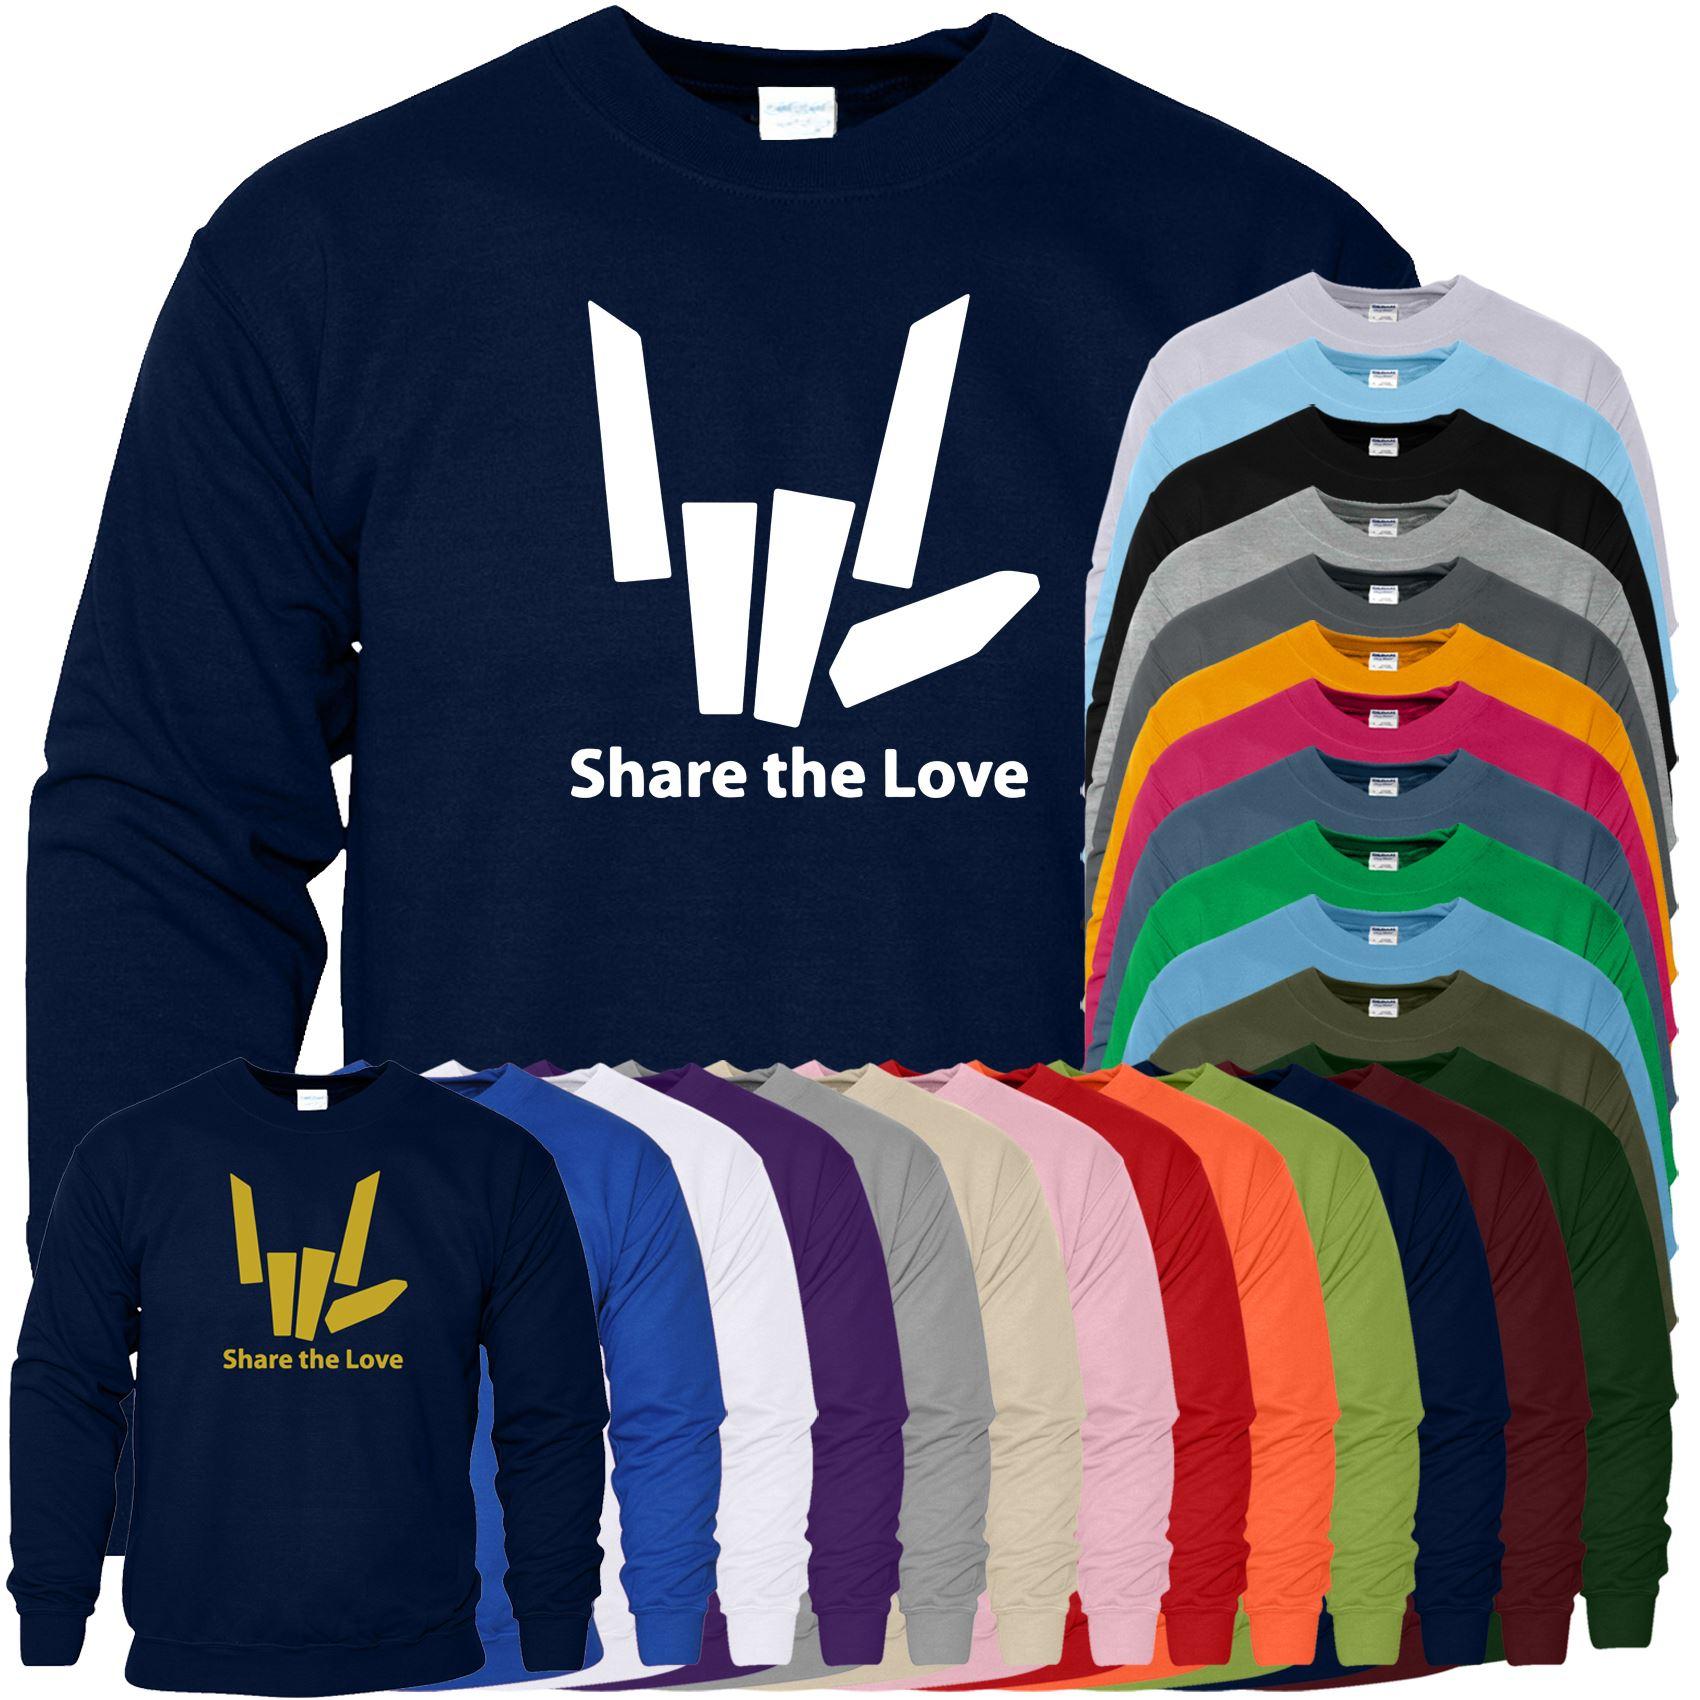 Share The Love Youtuber Youtube Stephen Sharer T-Shirt Kids Boys Girls Gift top